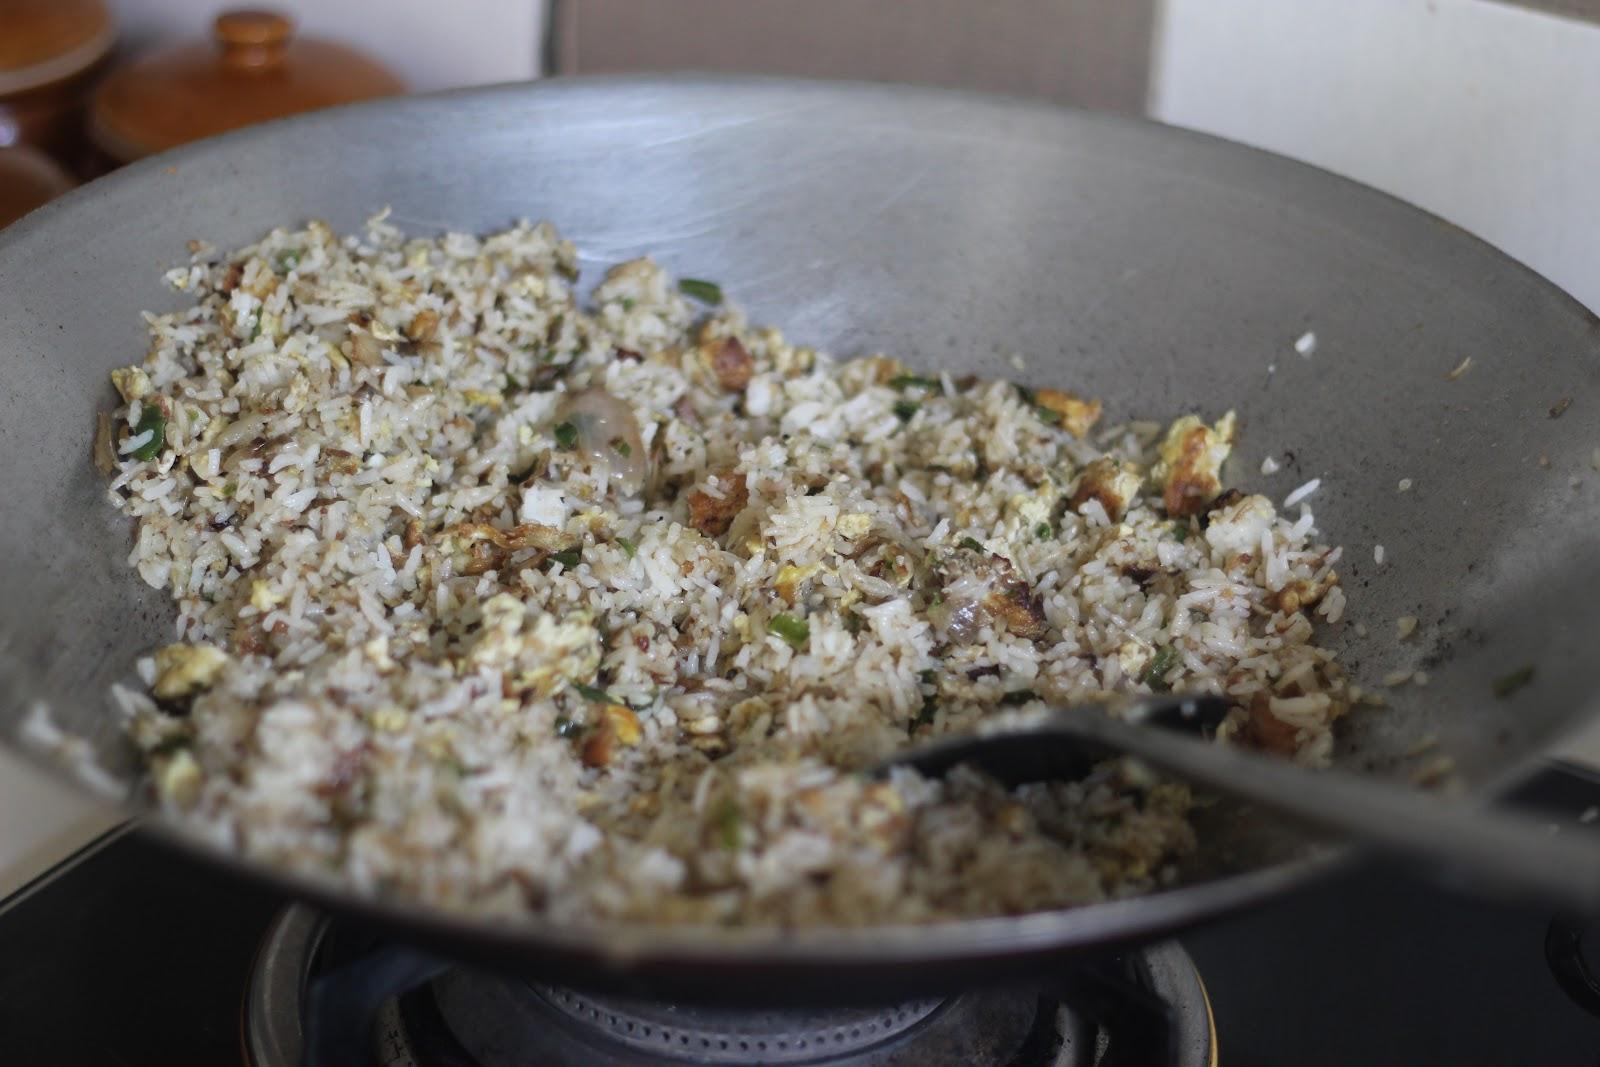 MODEL 80-AN: Resepi Nasi Goreng Kampung Cili Padi